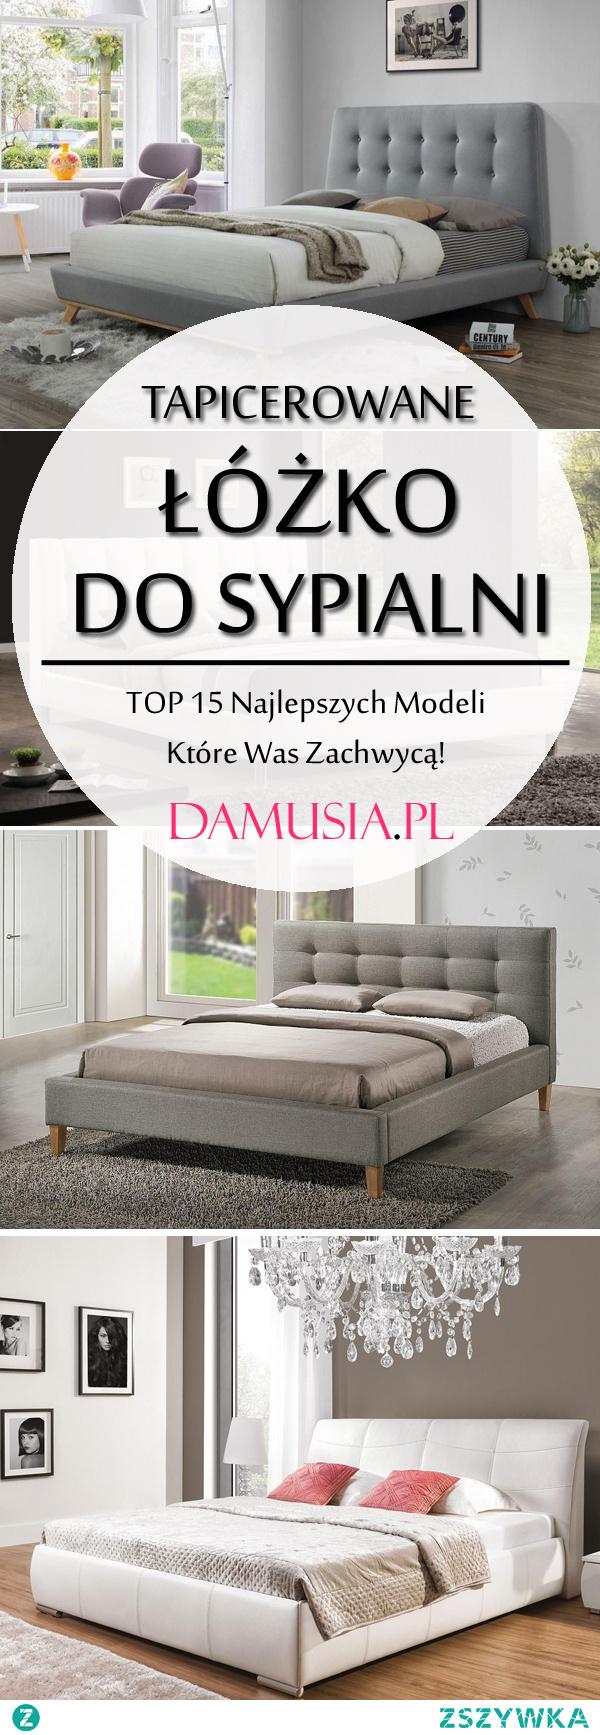 Tapicerowane Łóżko do Sypialni: TOP 15 Najlepszych Modeli Które Was Zachwycą!